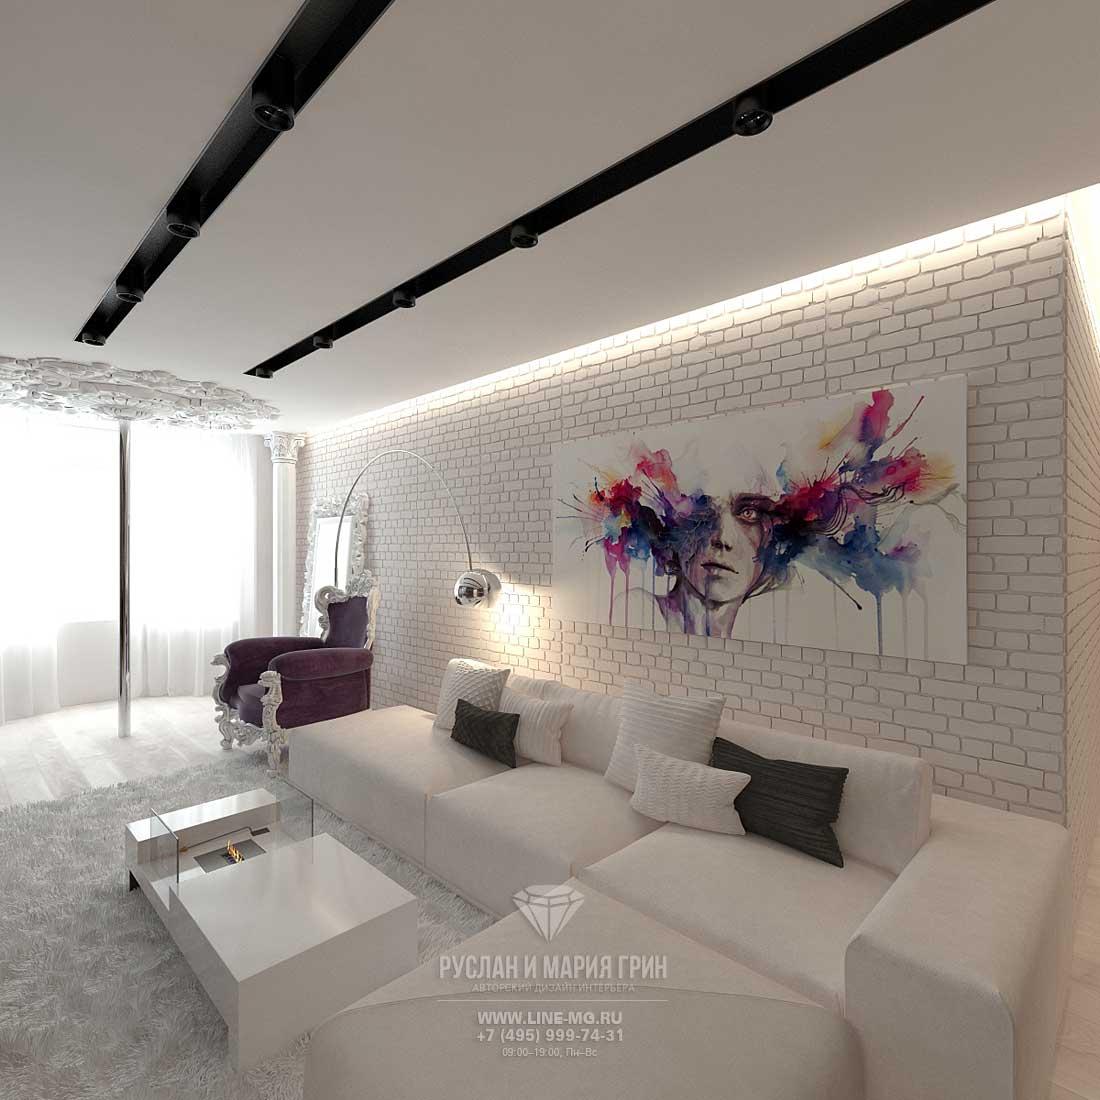 Дизайн красивой квартиры. Фото интерьера современной гостиной